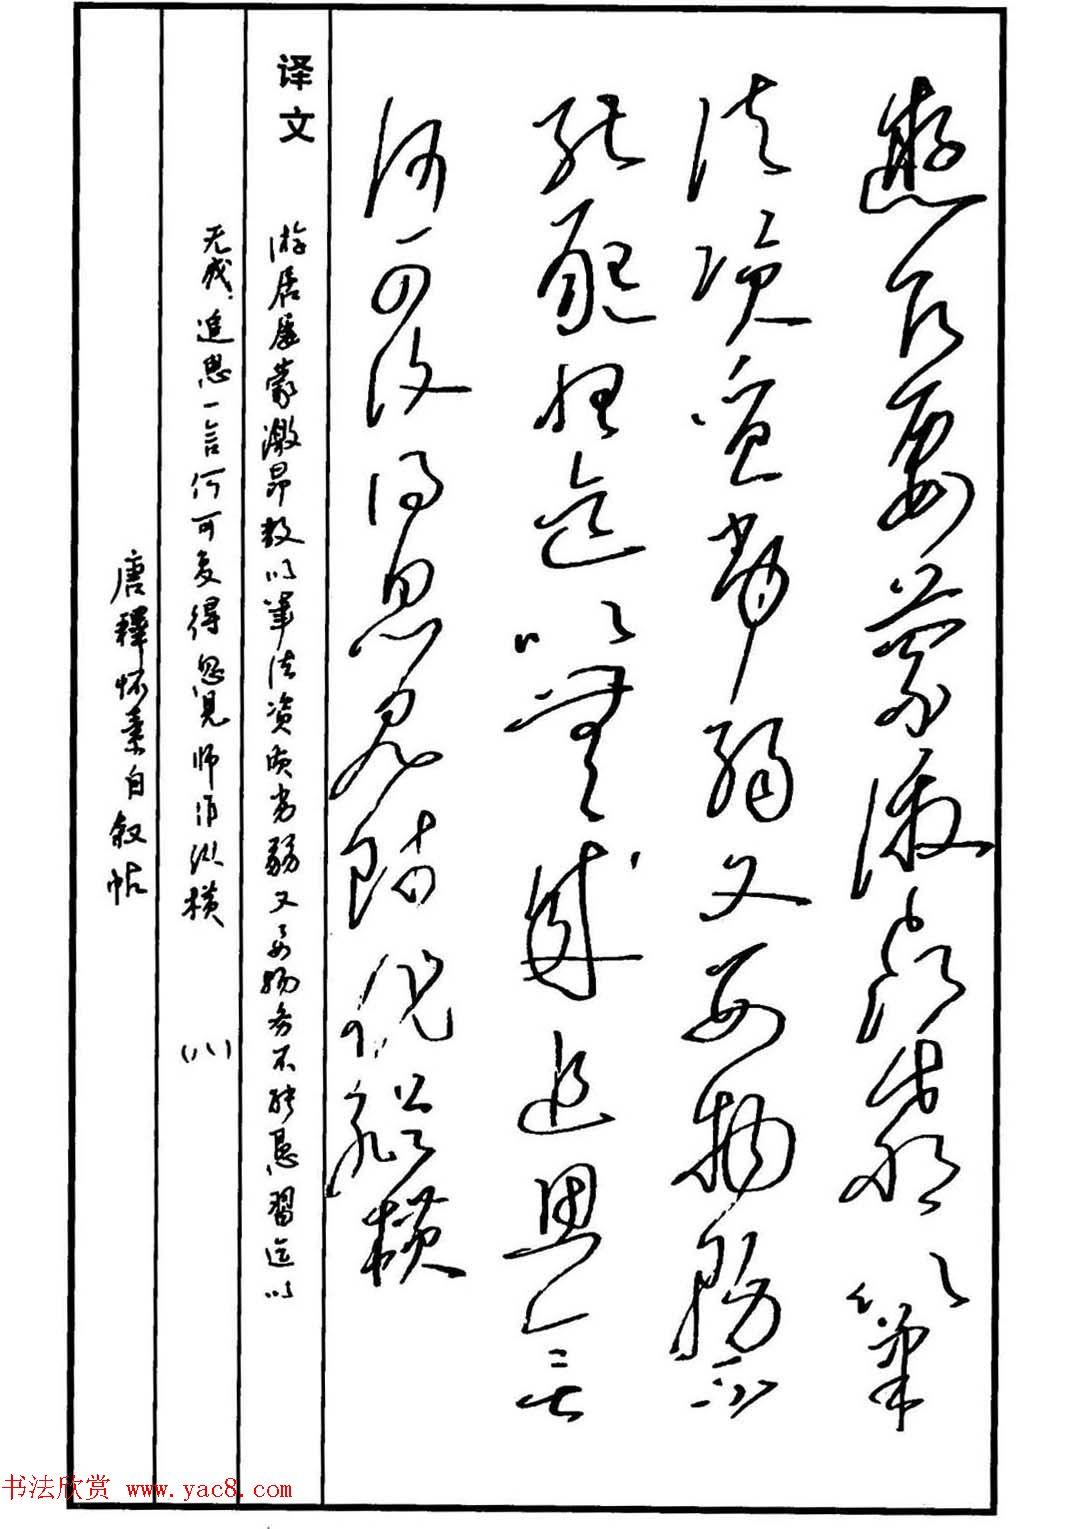 硬笔书法作品集 草书名家精品欣赏 第8页 硬笔书法 书法欣赏